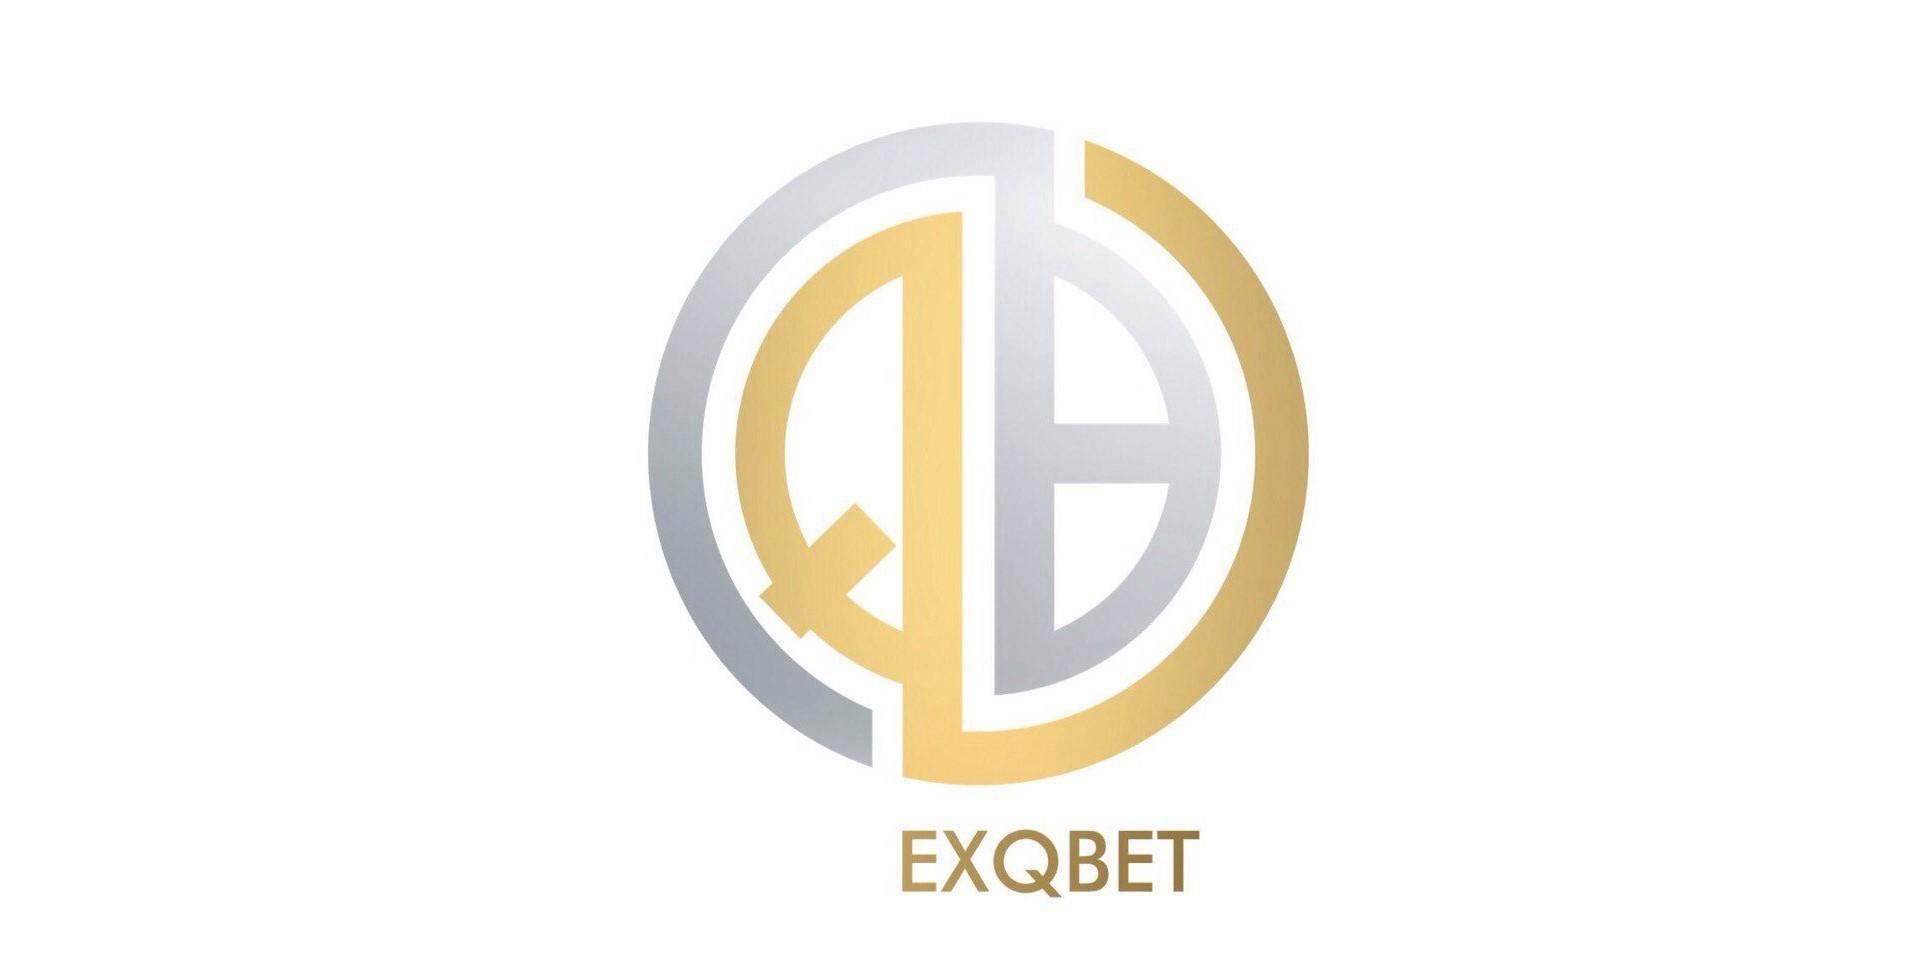 EXQBET SPORTS